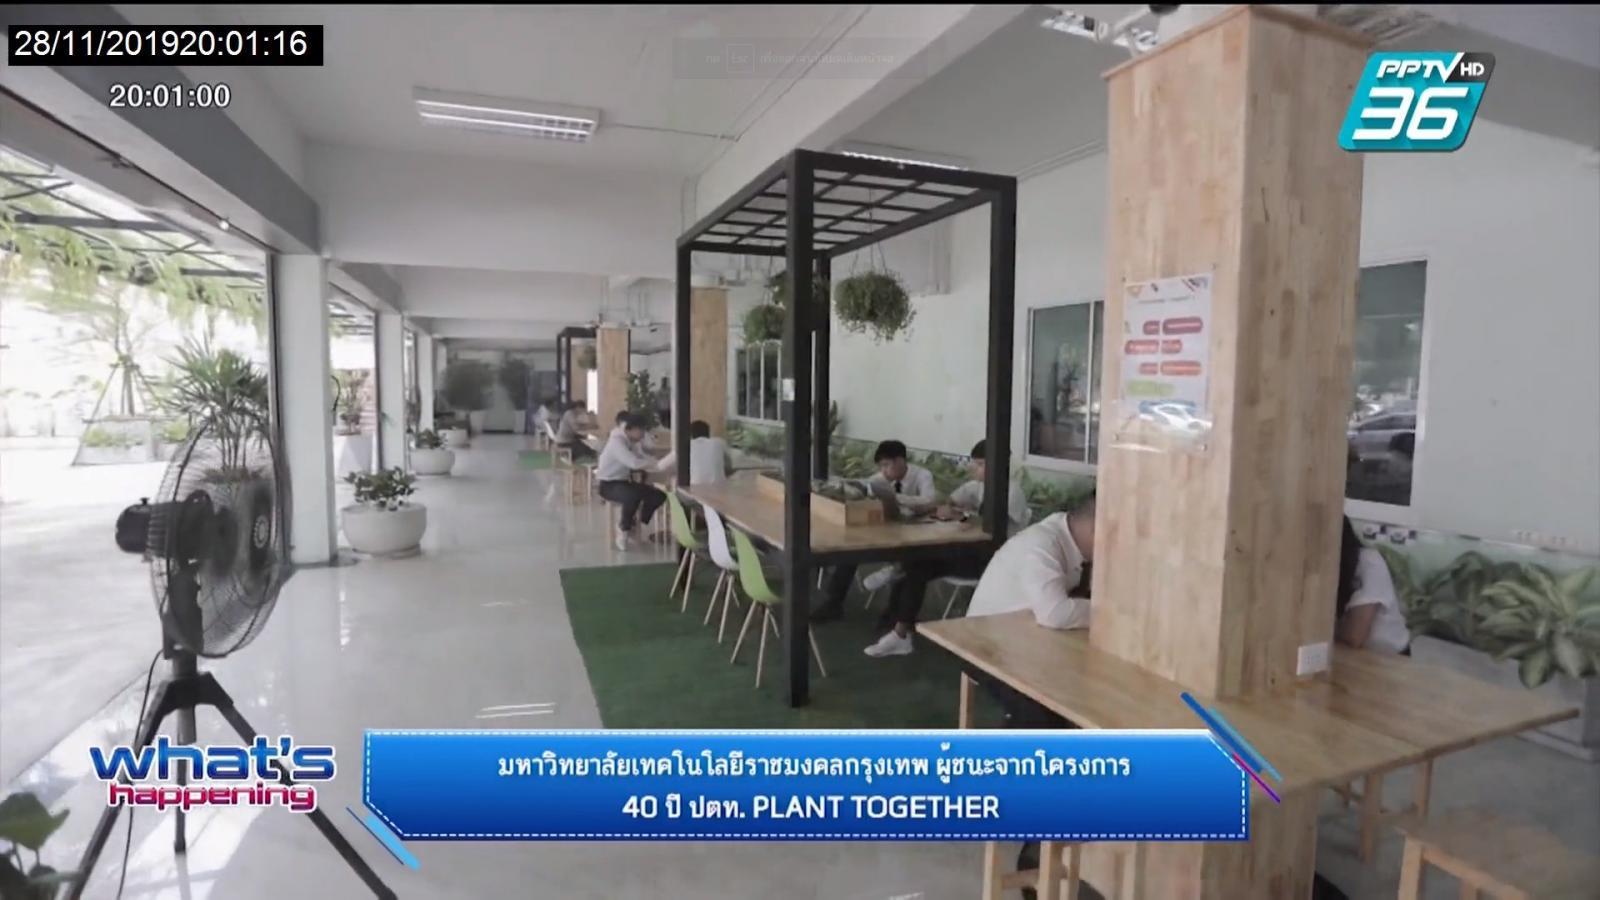 มหาวิทยาลัยเทคโนโลยีราชมงคลกรุงเทพ ผู้ชนะจากโครงการ 40 ปี ปตท.  Plant Together